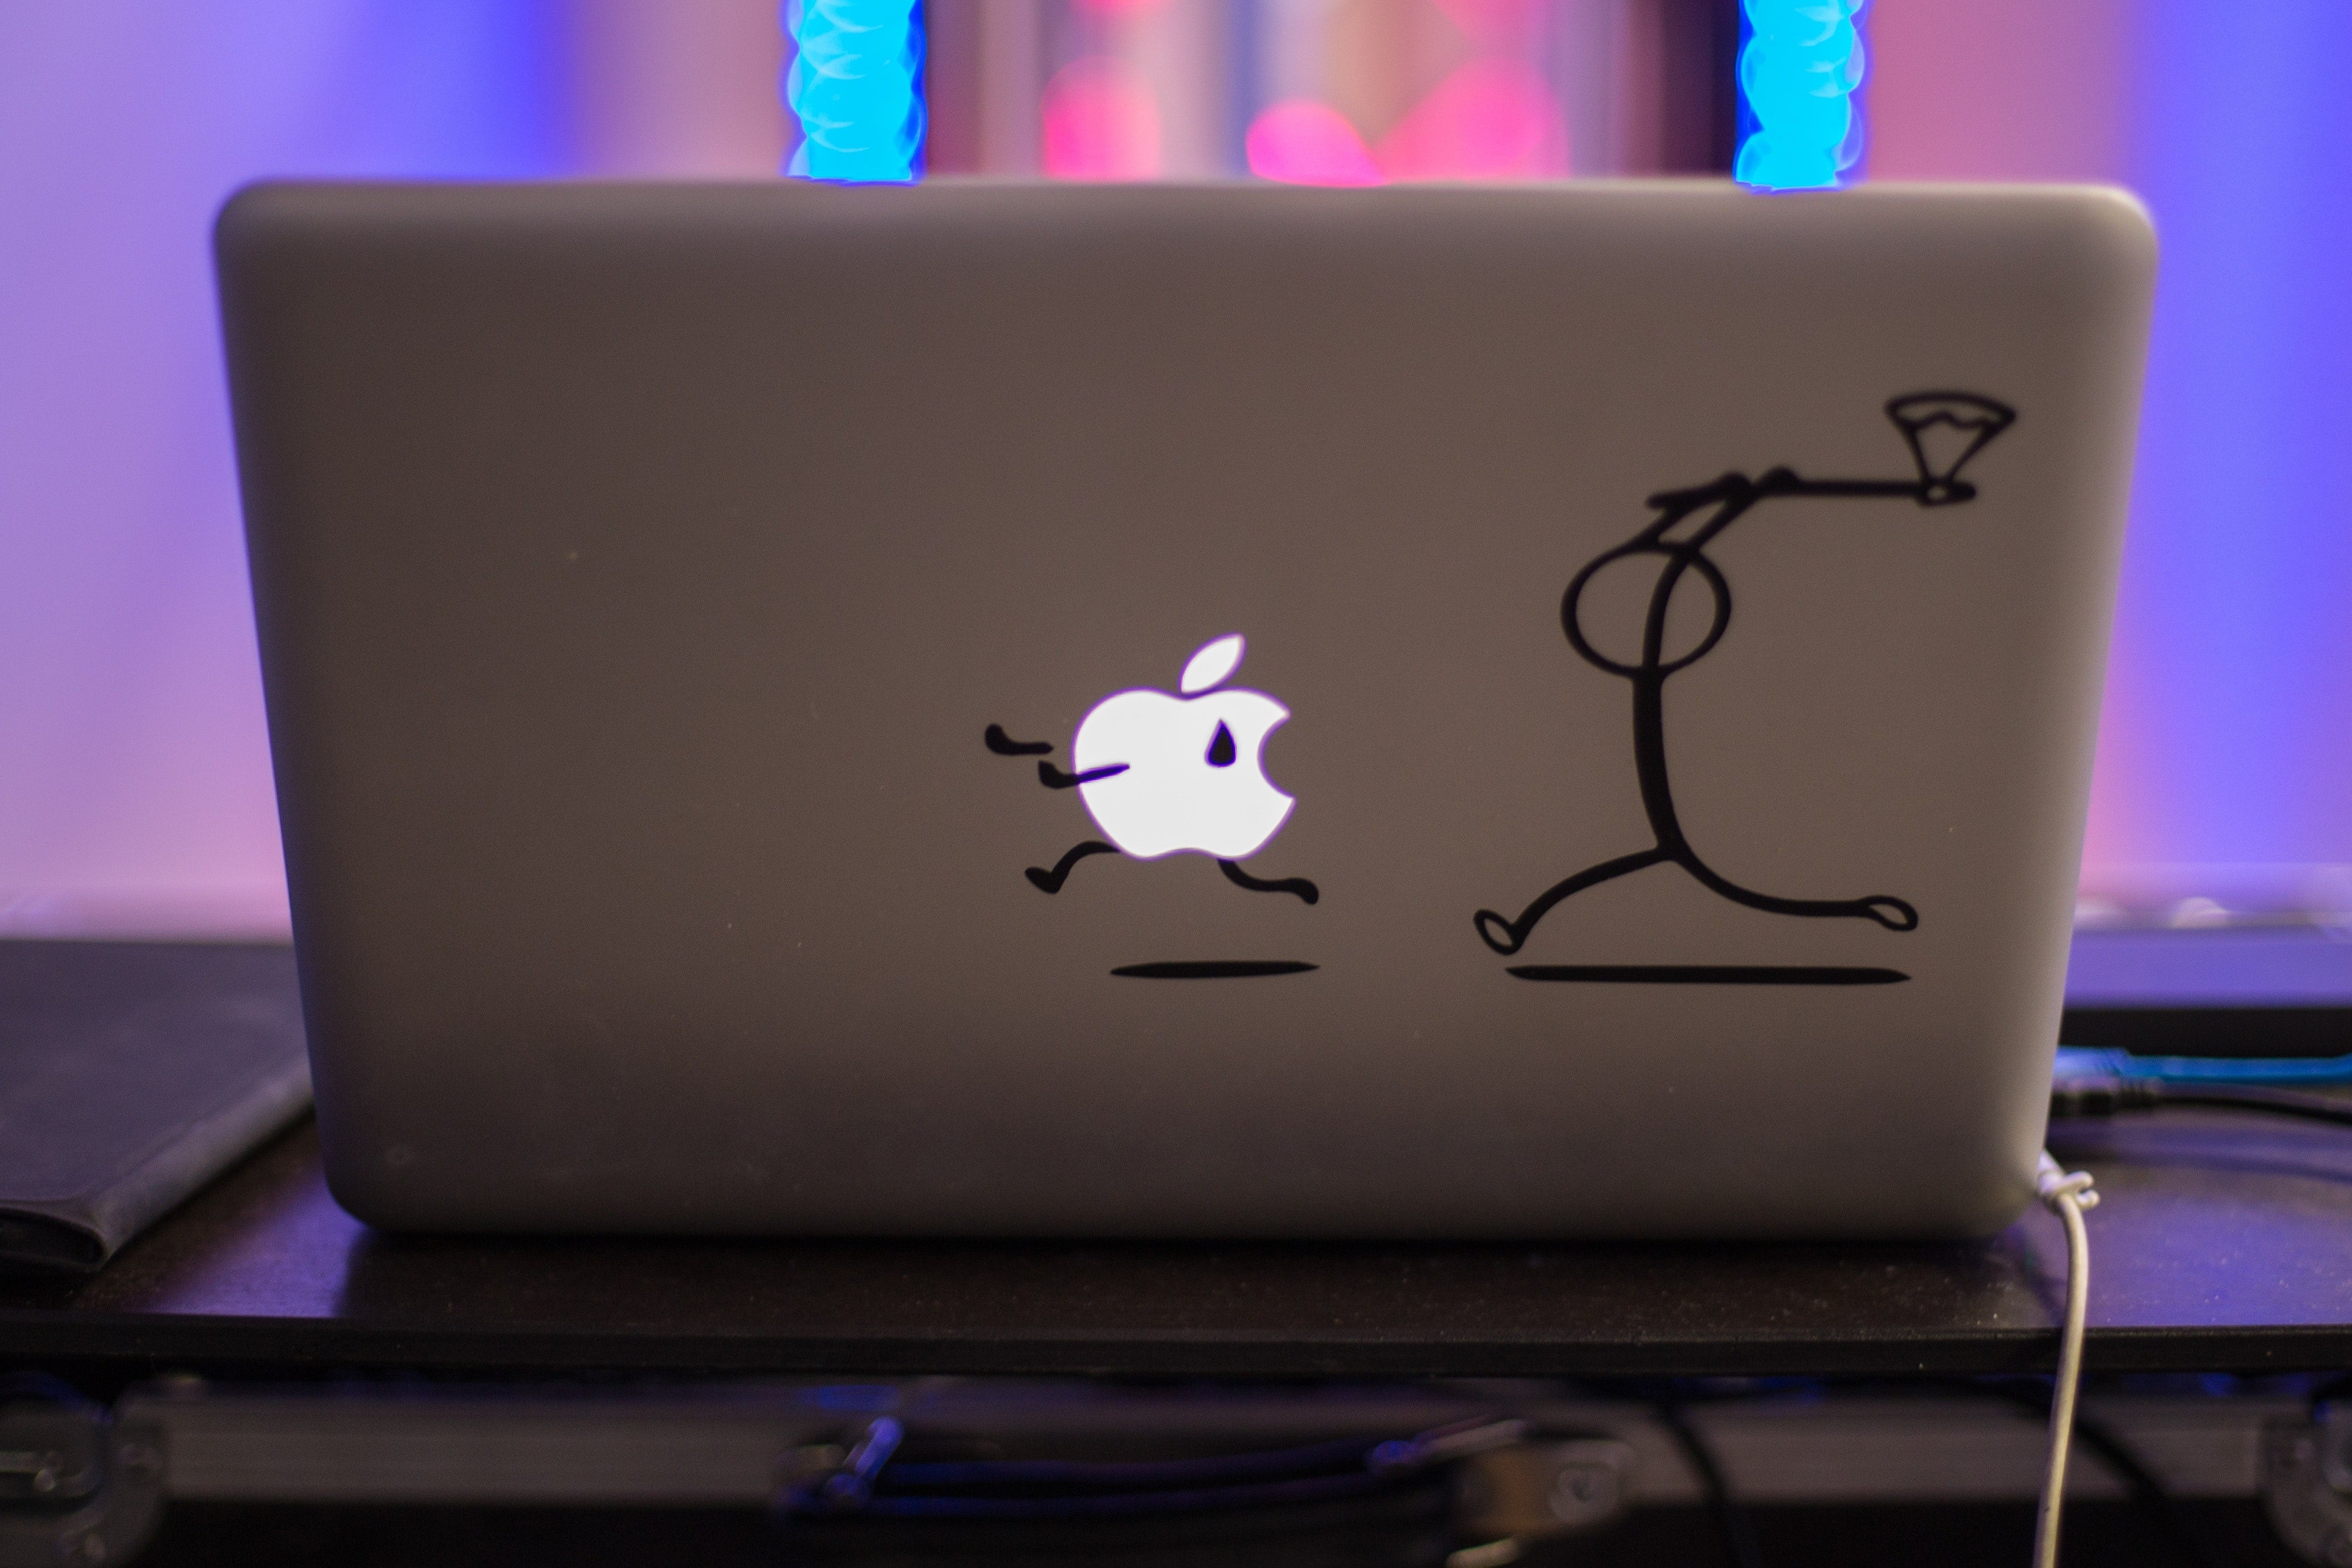 Apple sięgnie po mechanizm nożycowy, aby zażegnać problem z klawiaturami w MacBookach 17